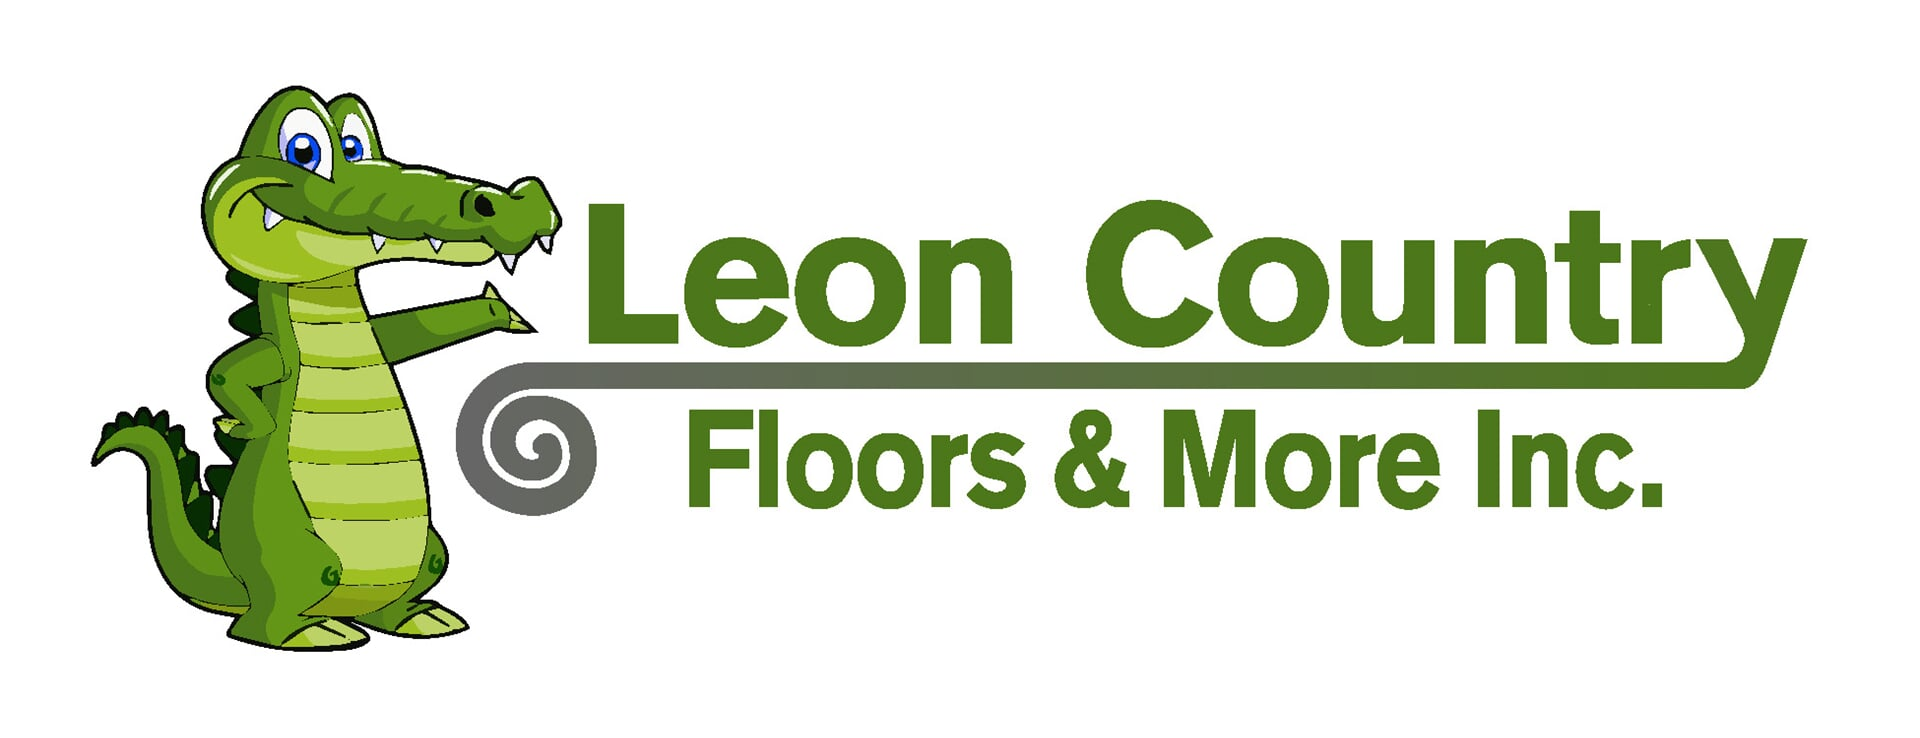 Leon Country Floors